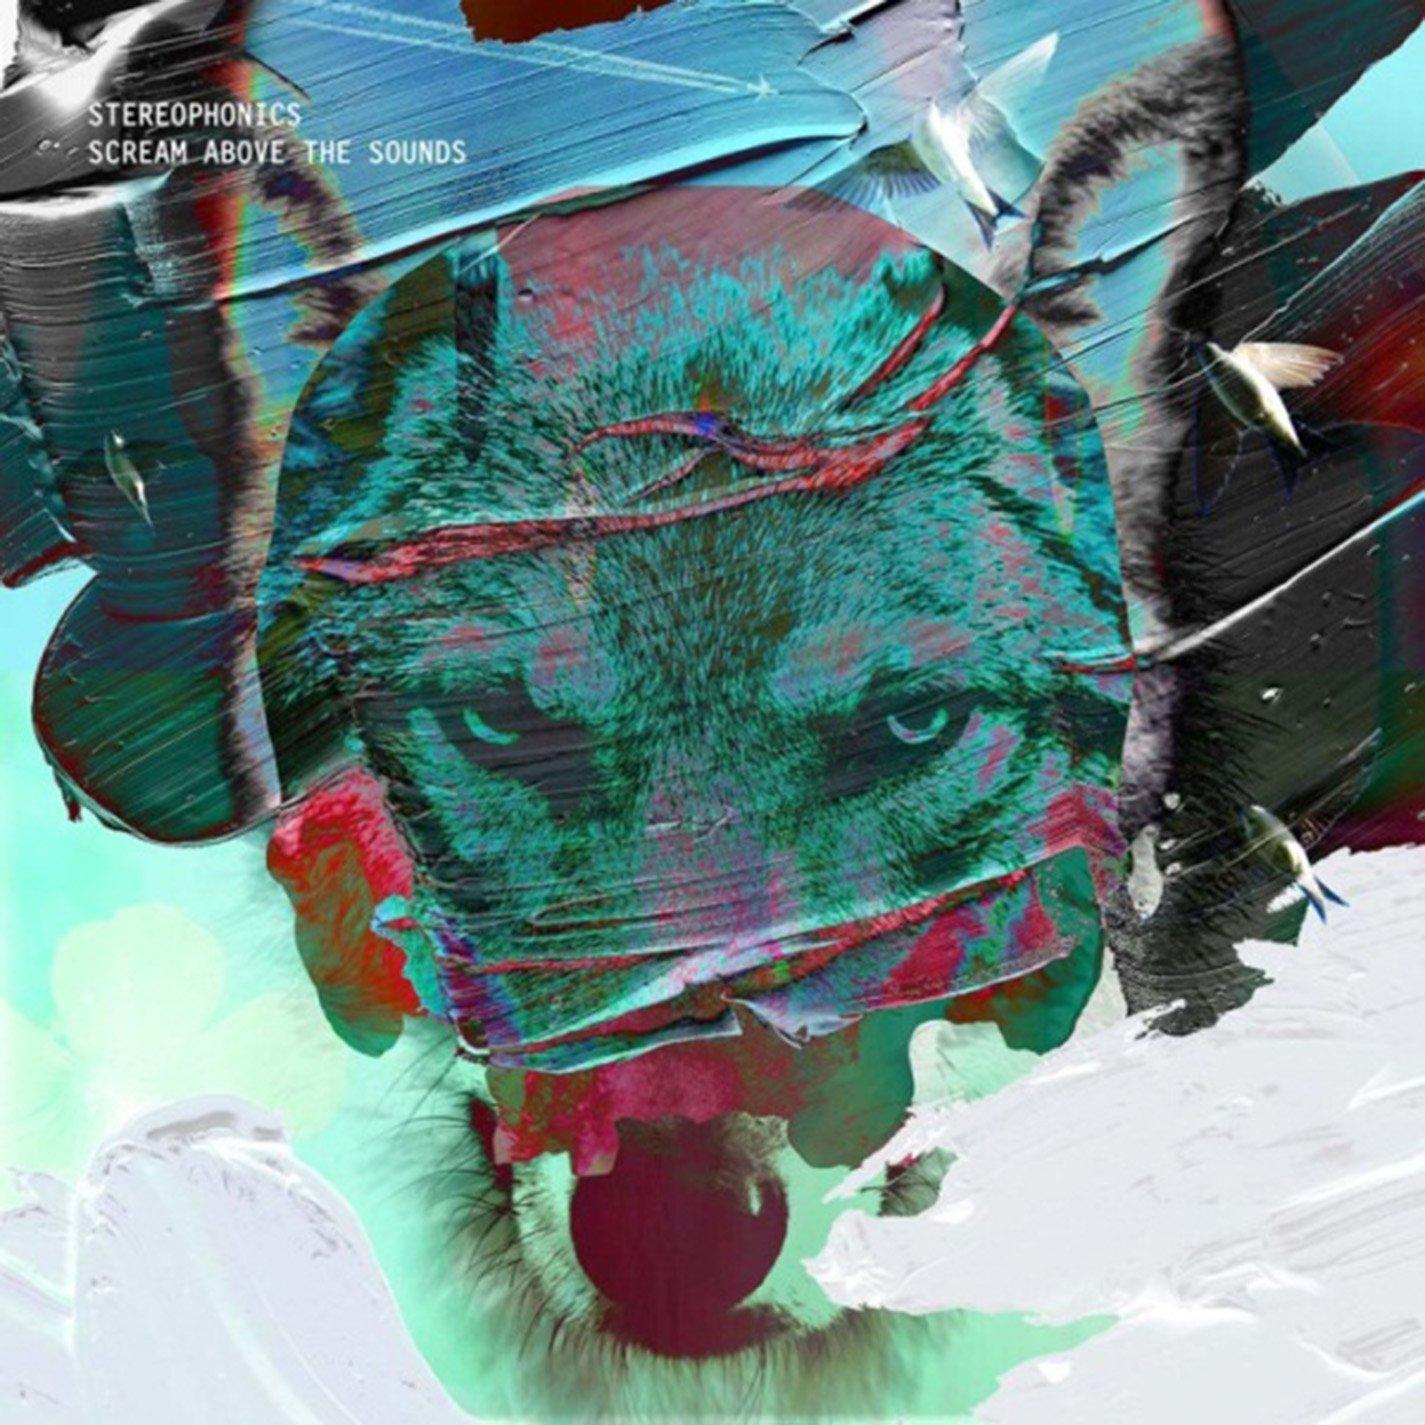 Резултат с изображение за Stereophonics - Scream Above the Sounds